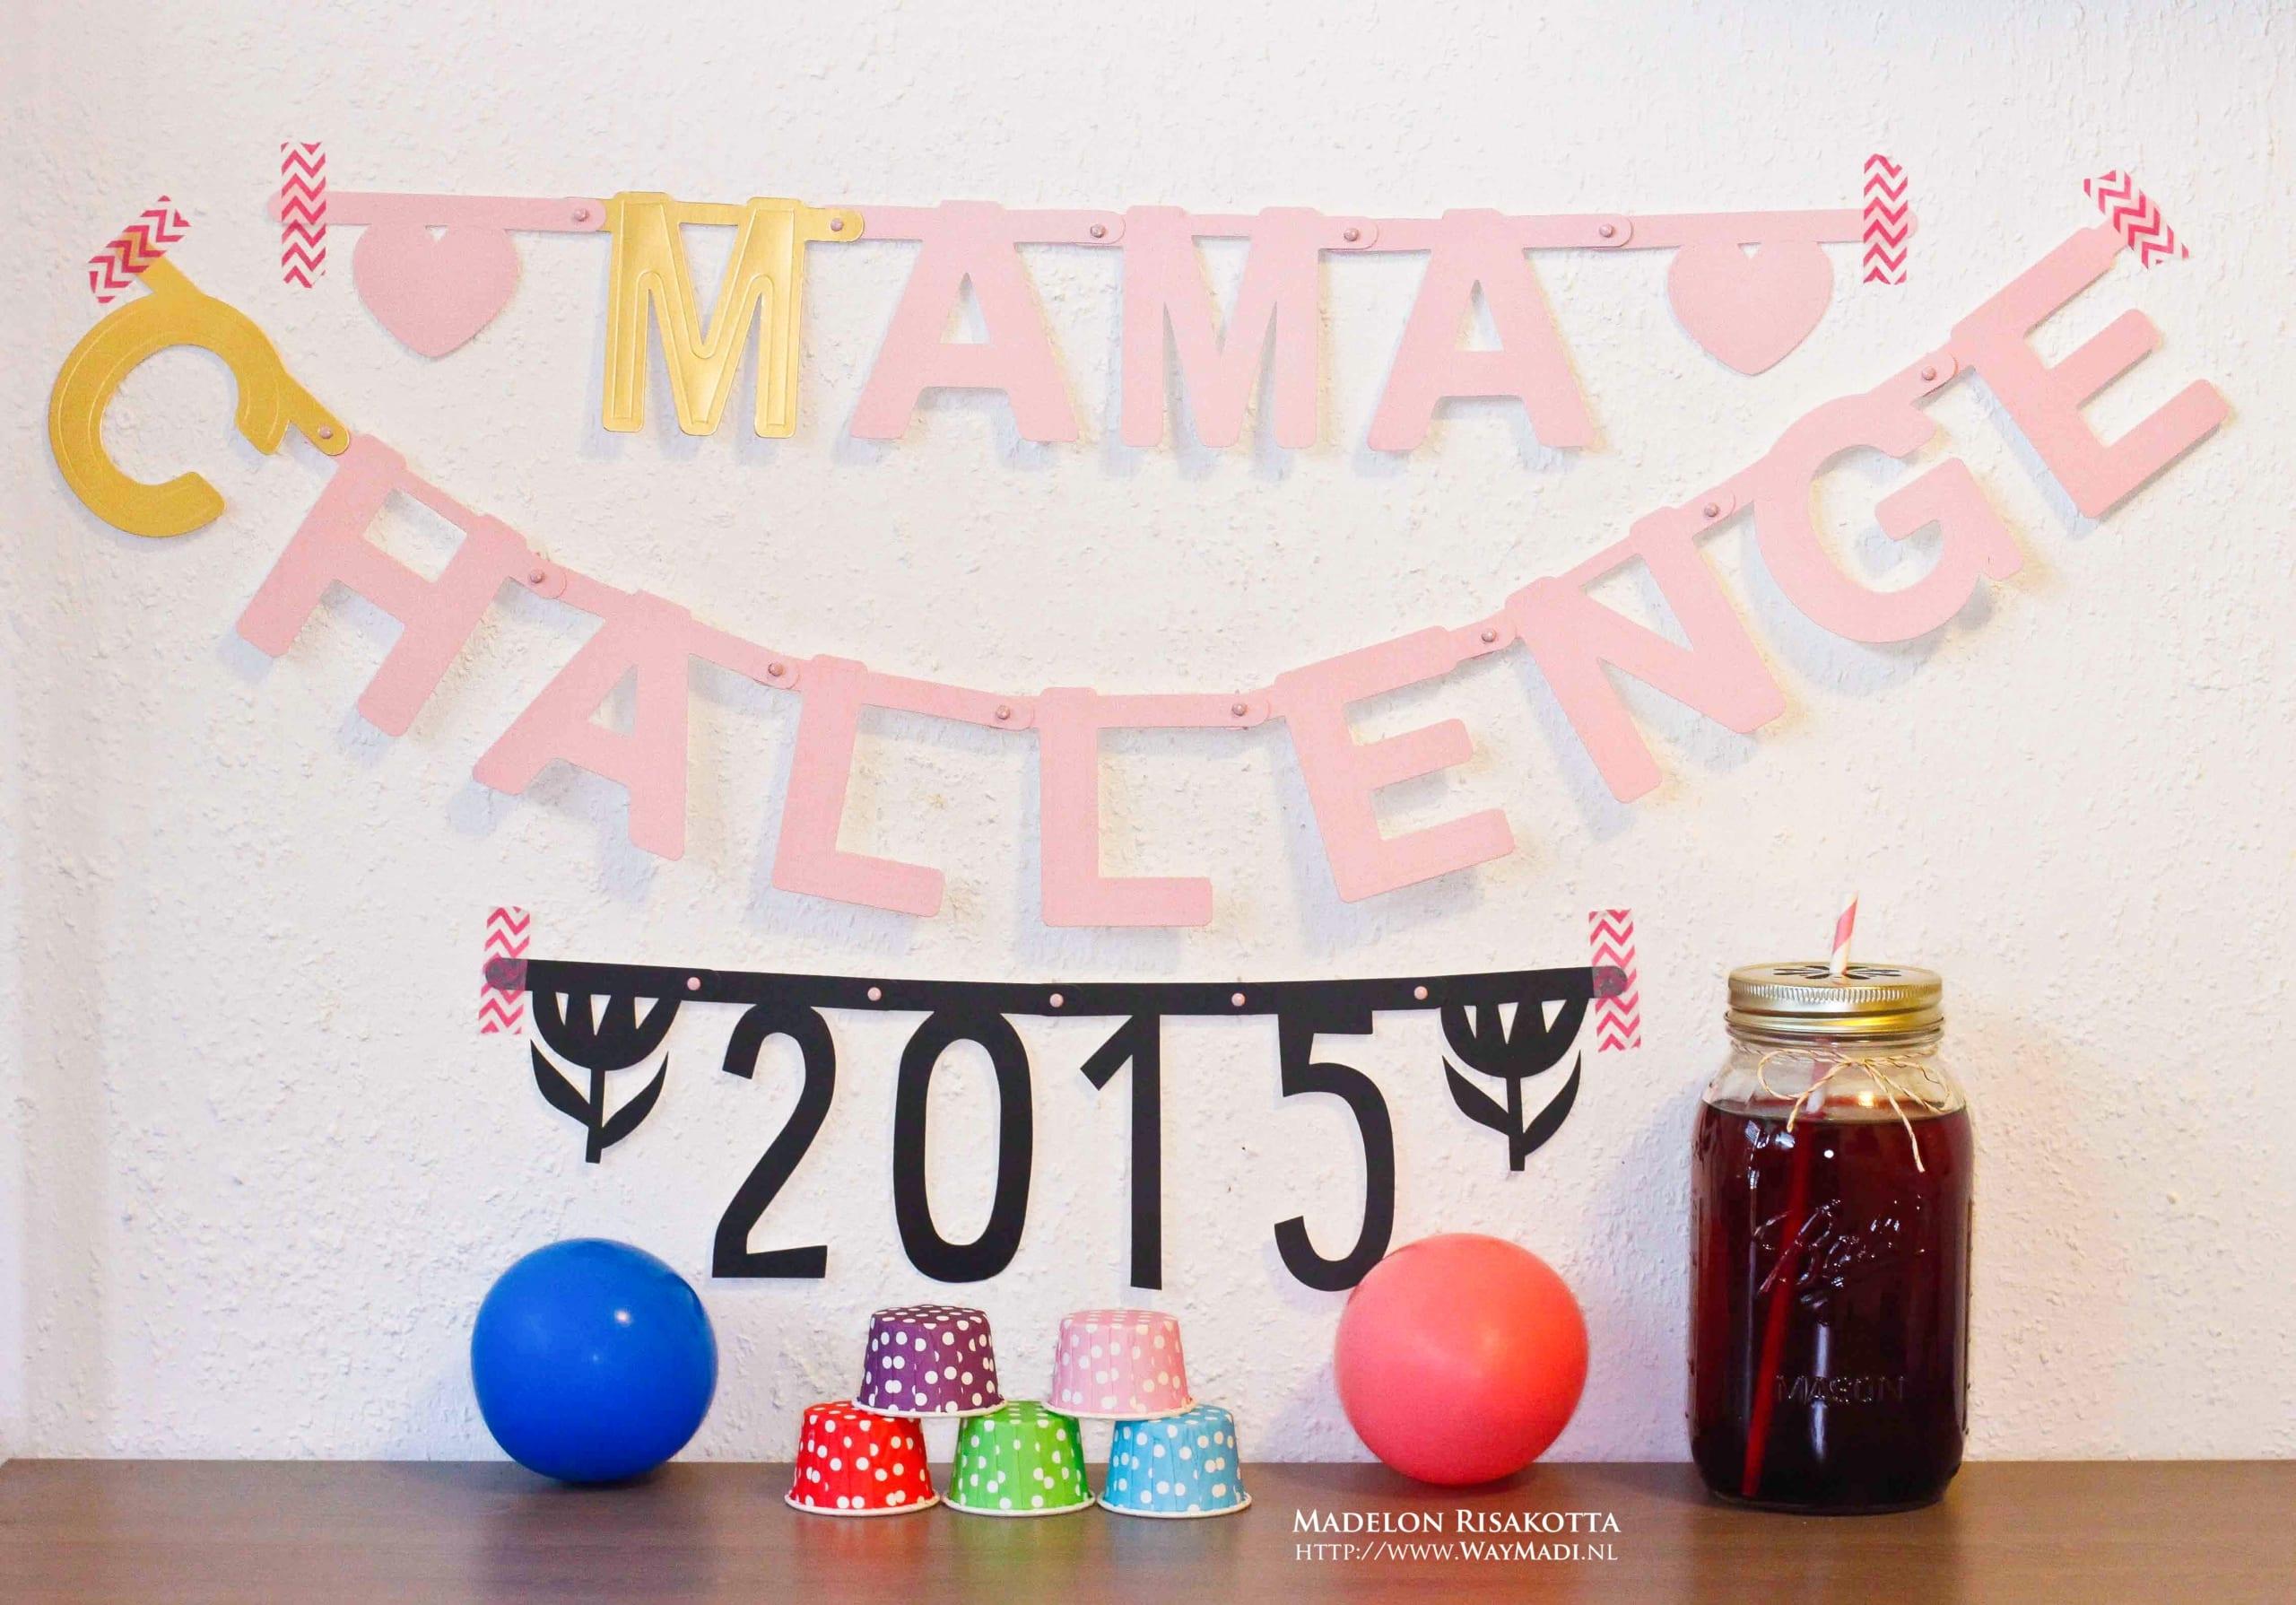 Mama Challenge 2015